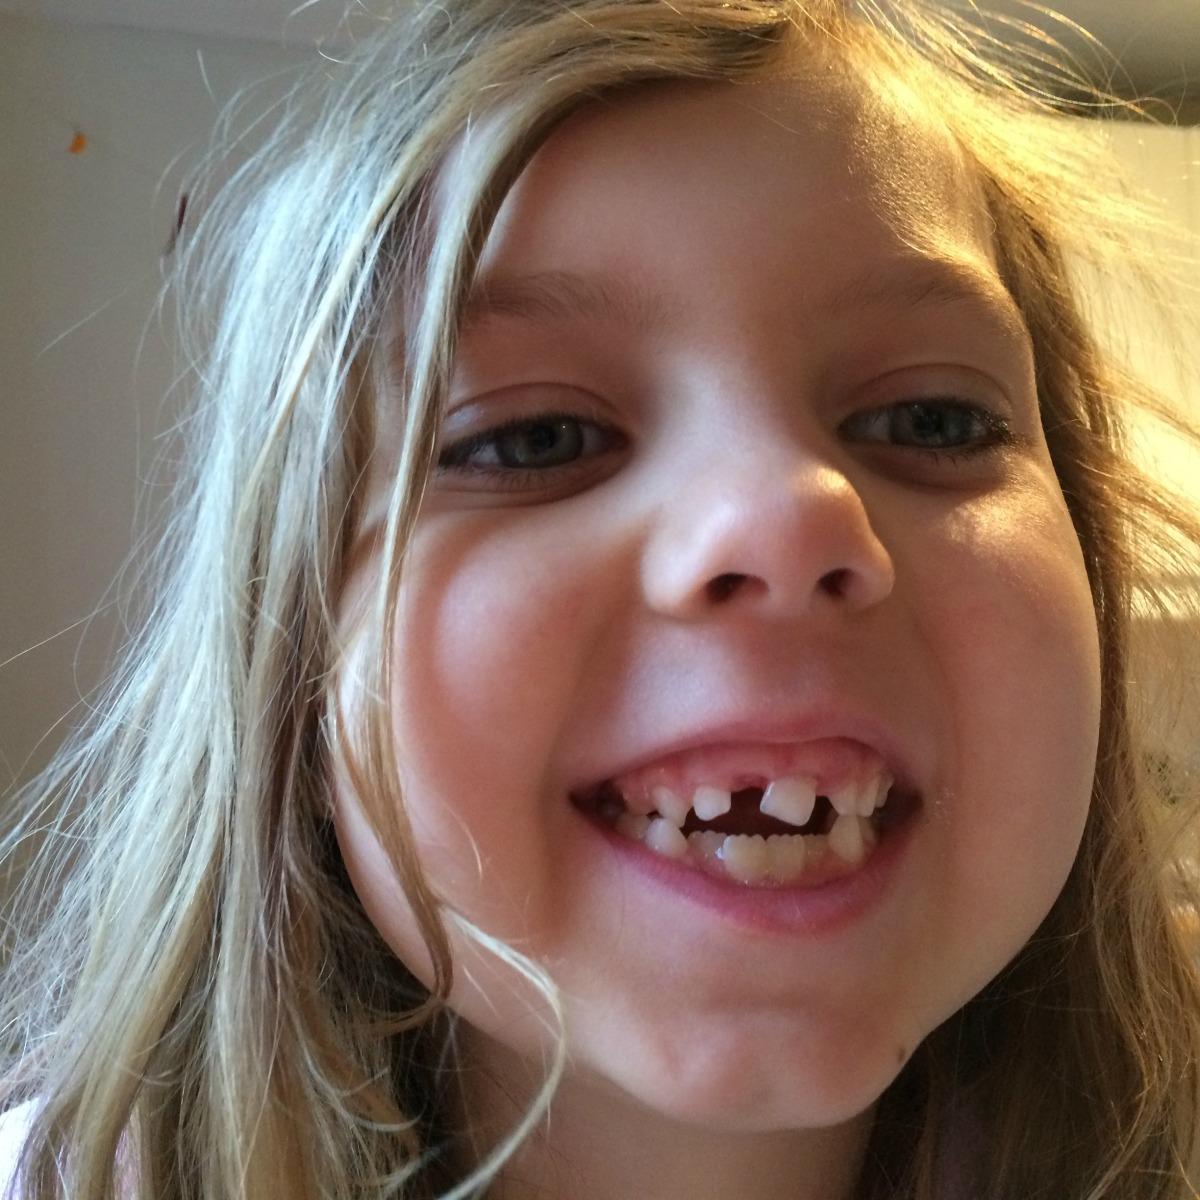 Mia's teeth